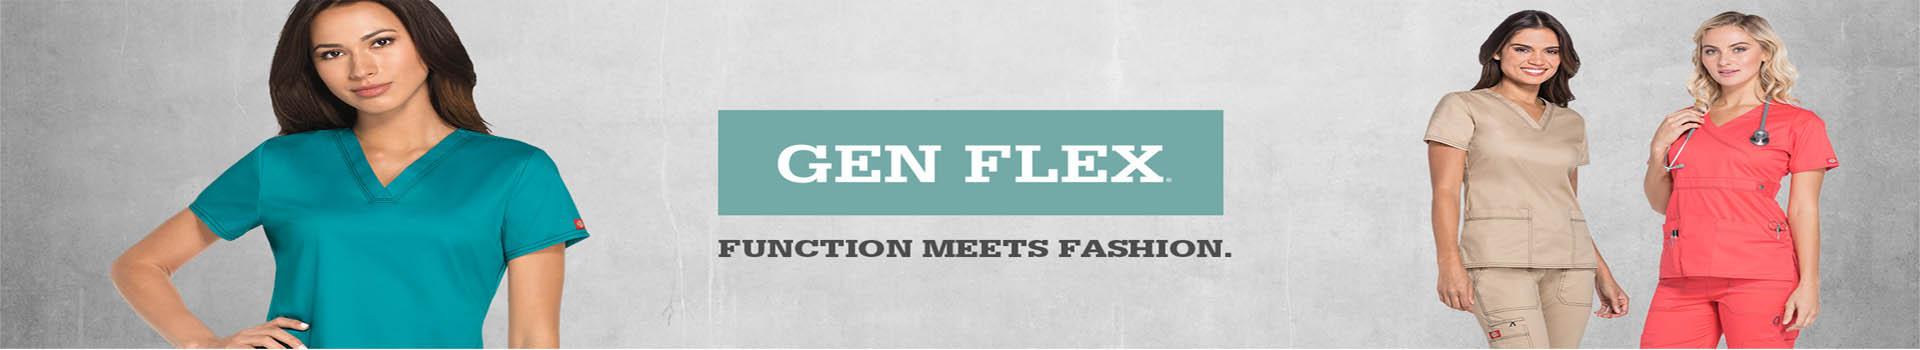 Gen Flex